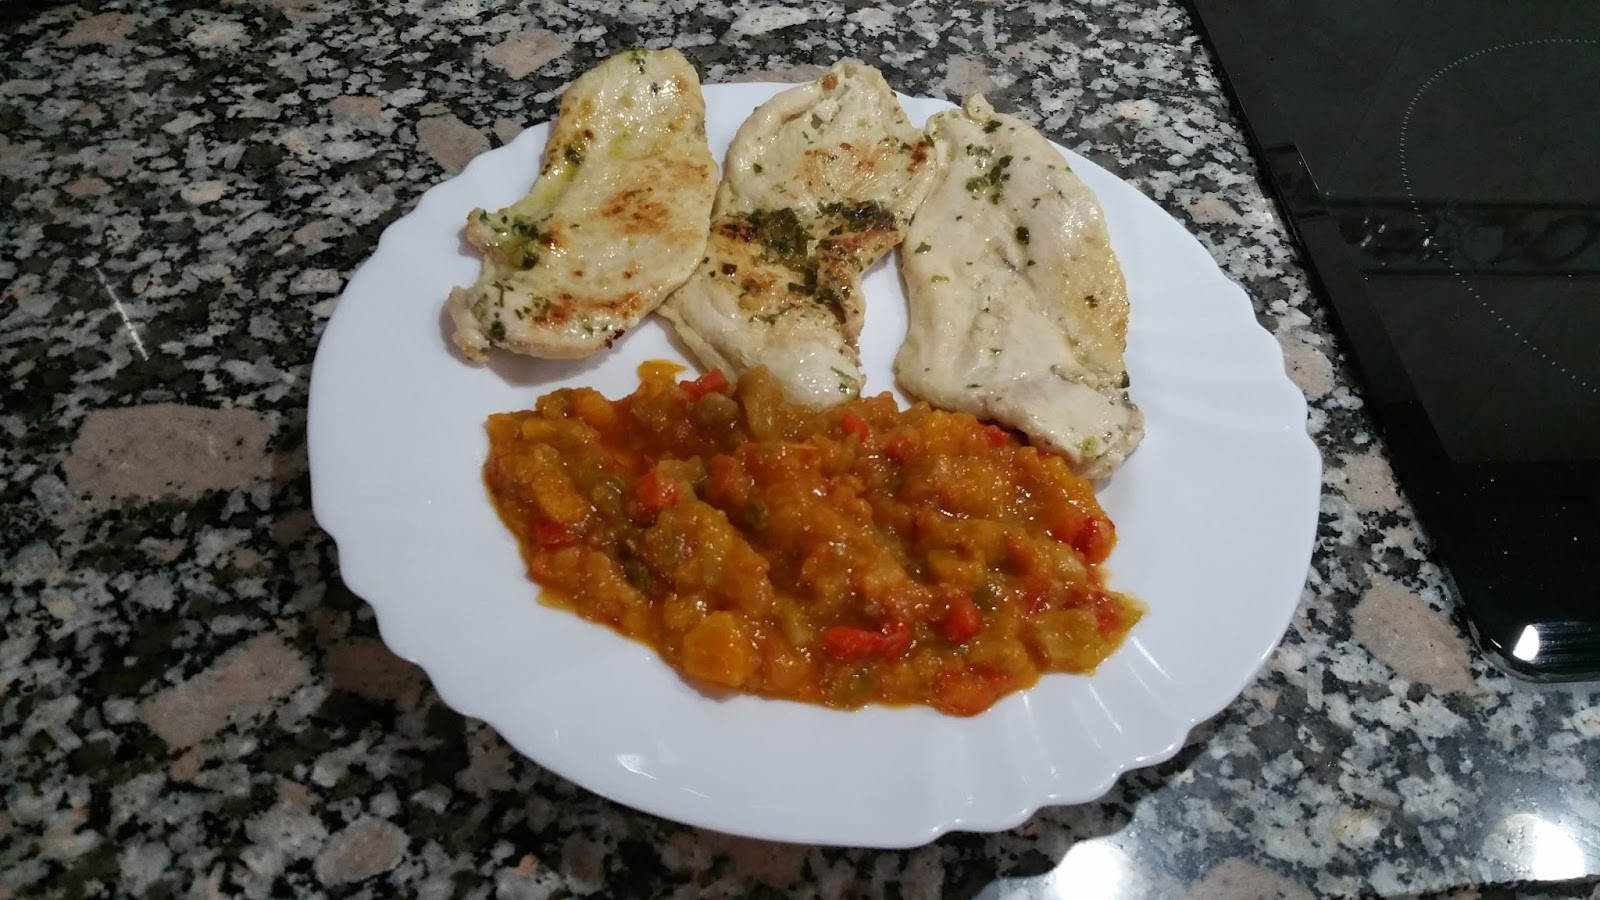 Recetas de toda la vida cocinar sencillo como me ense for Como cocinar filetes de pollo